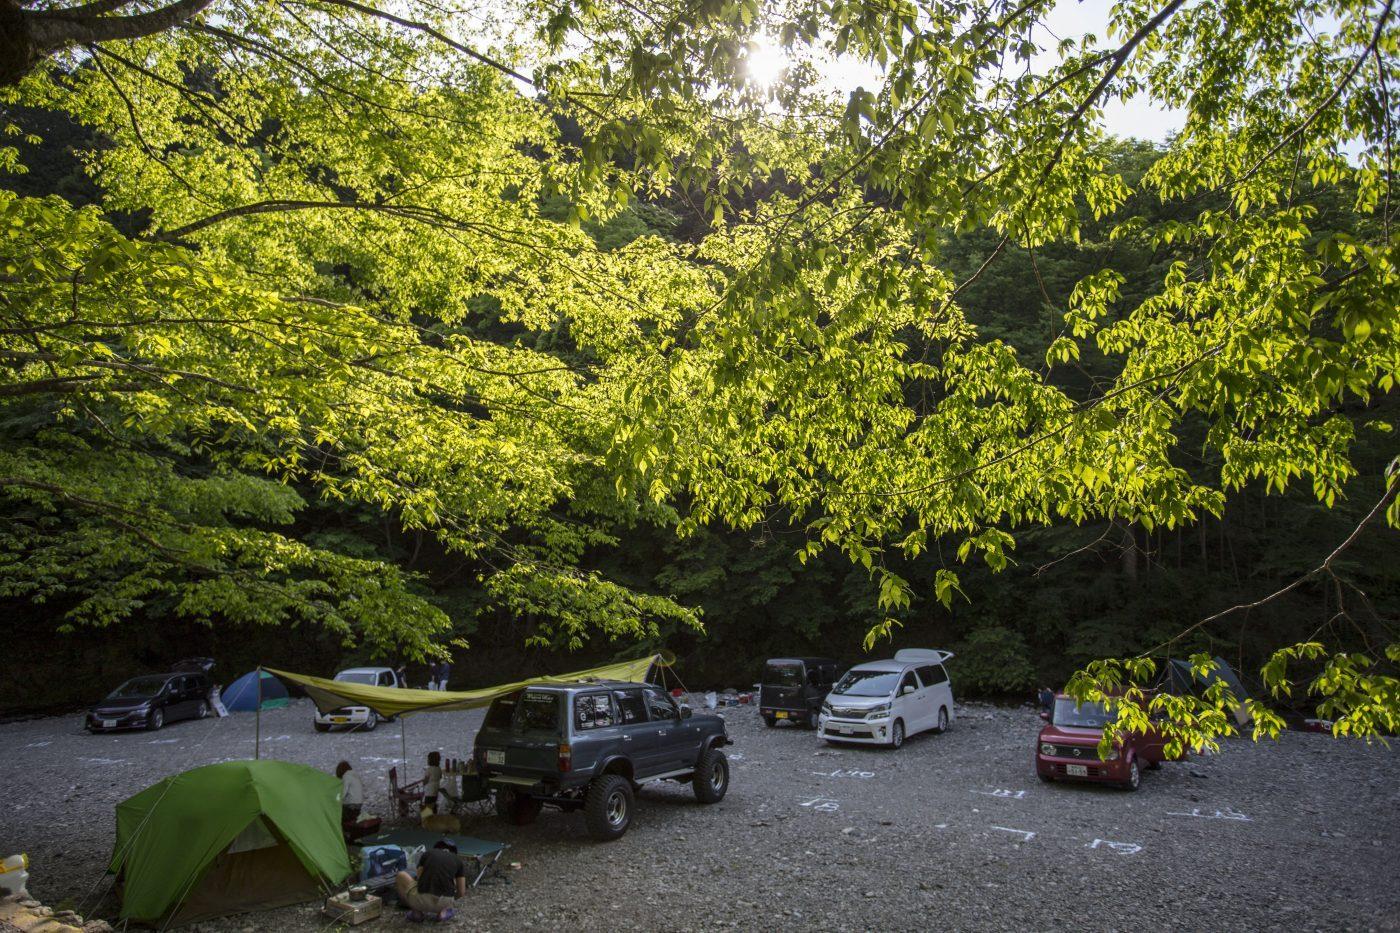 埼玉県にある古民家ファミリービレッジキャンプ/バーベキュー場の河原サイト